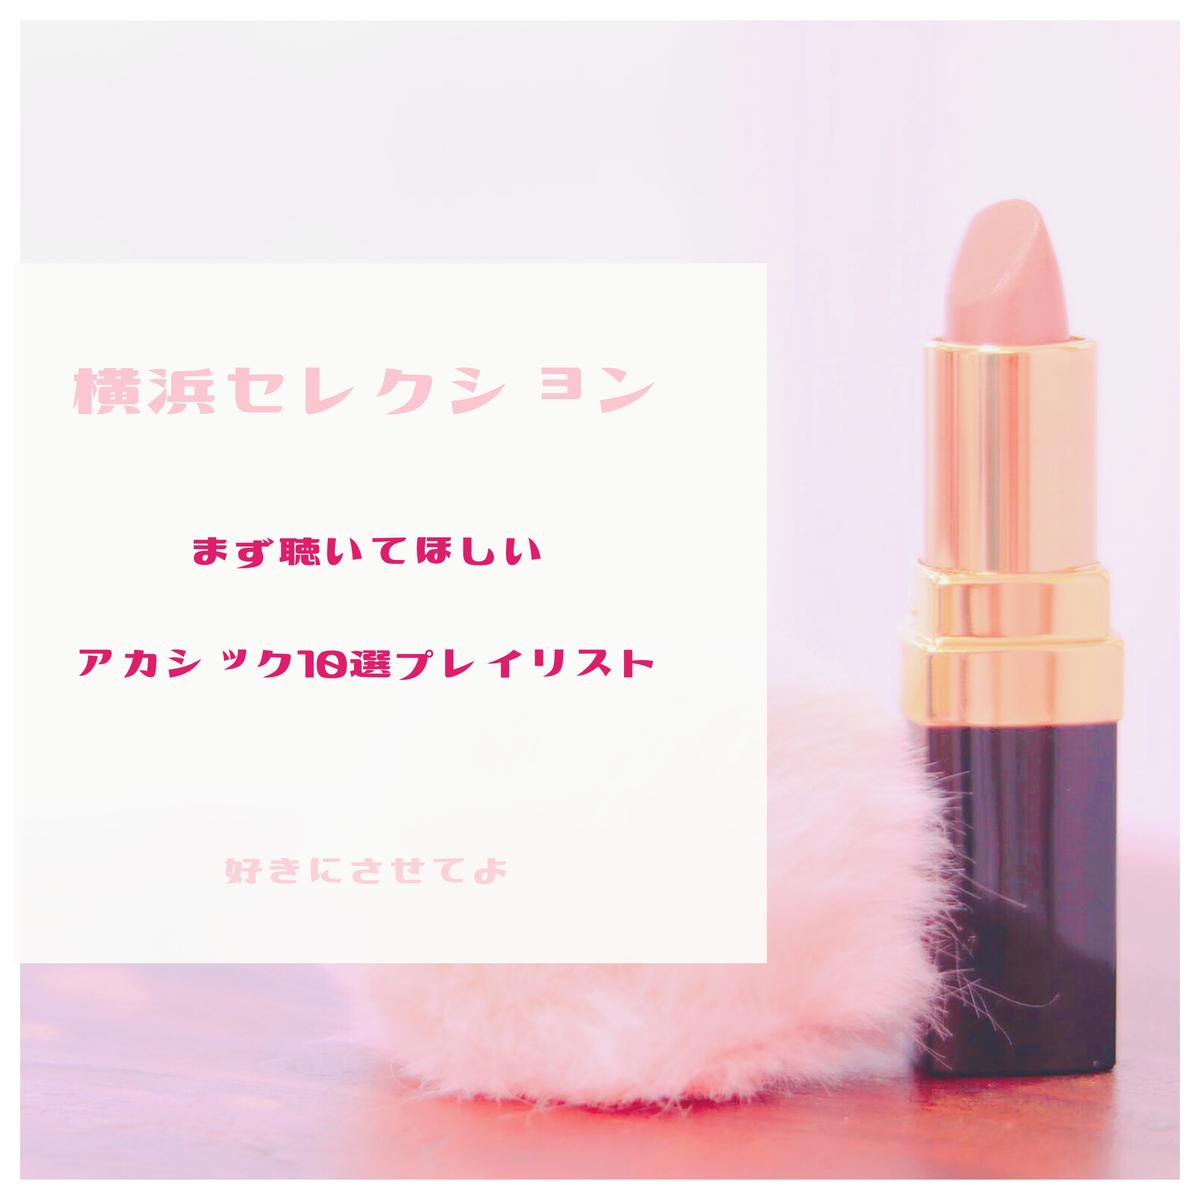 f:id:tsukino25:20190807131206p:plain